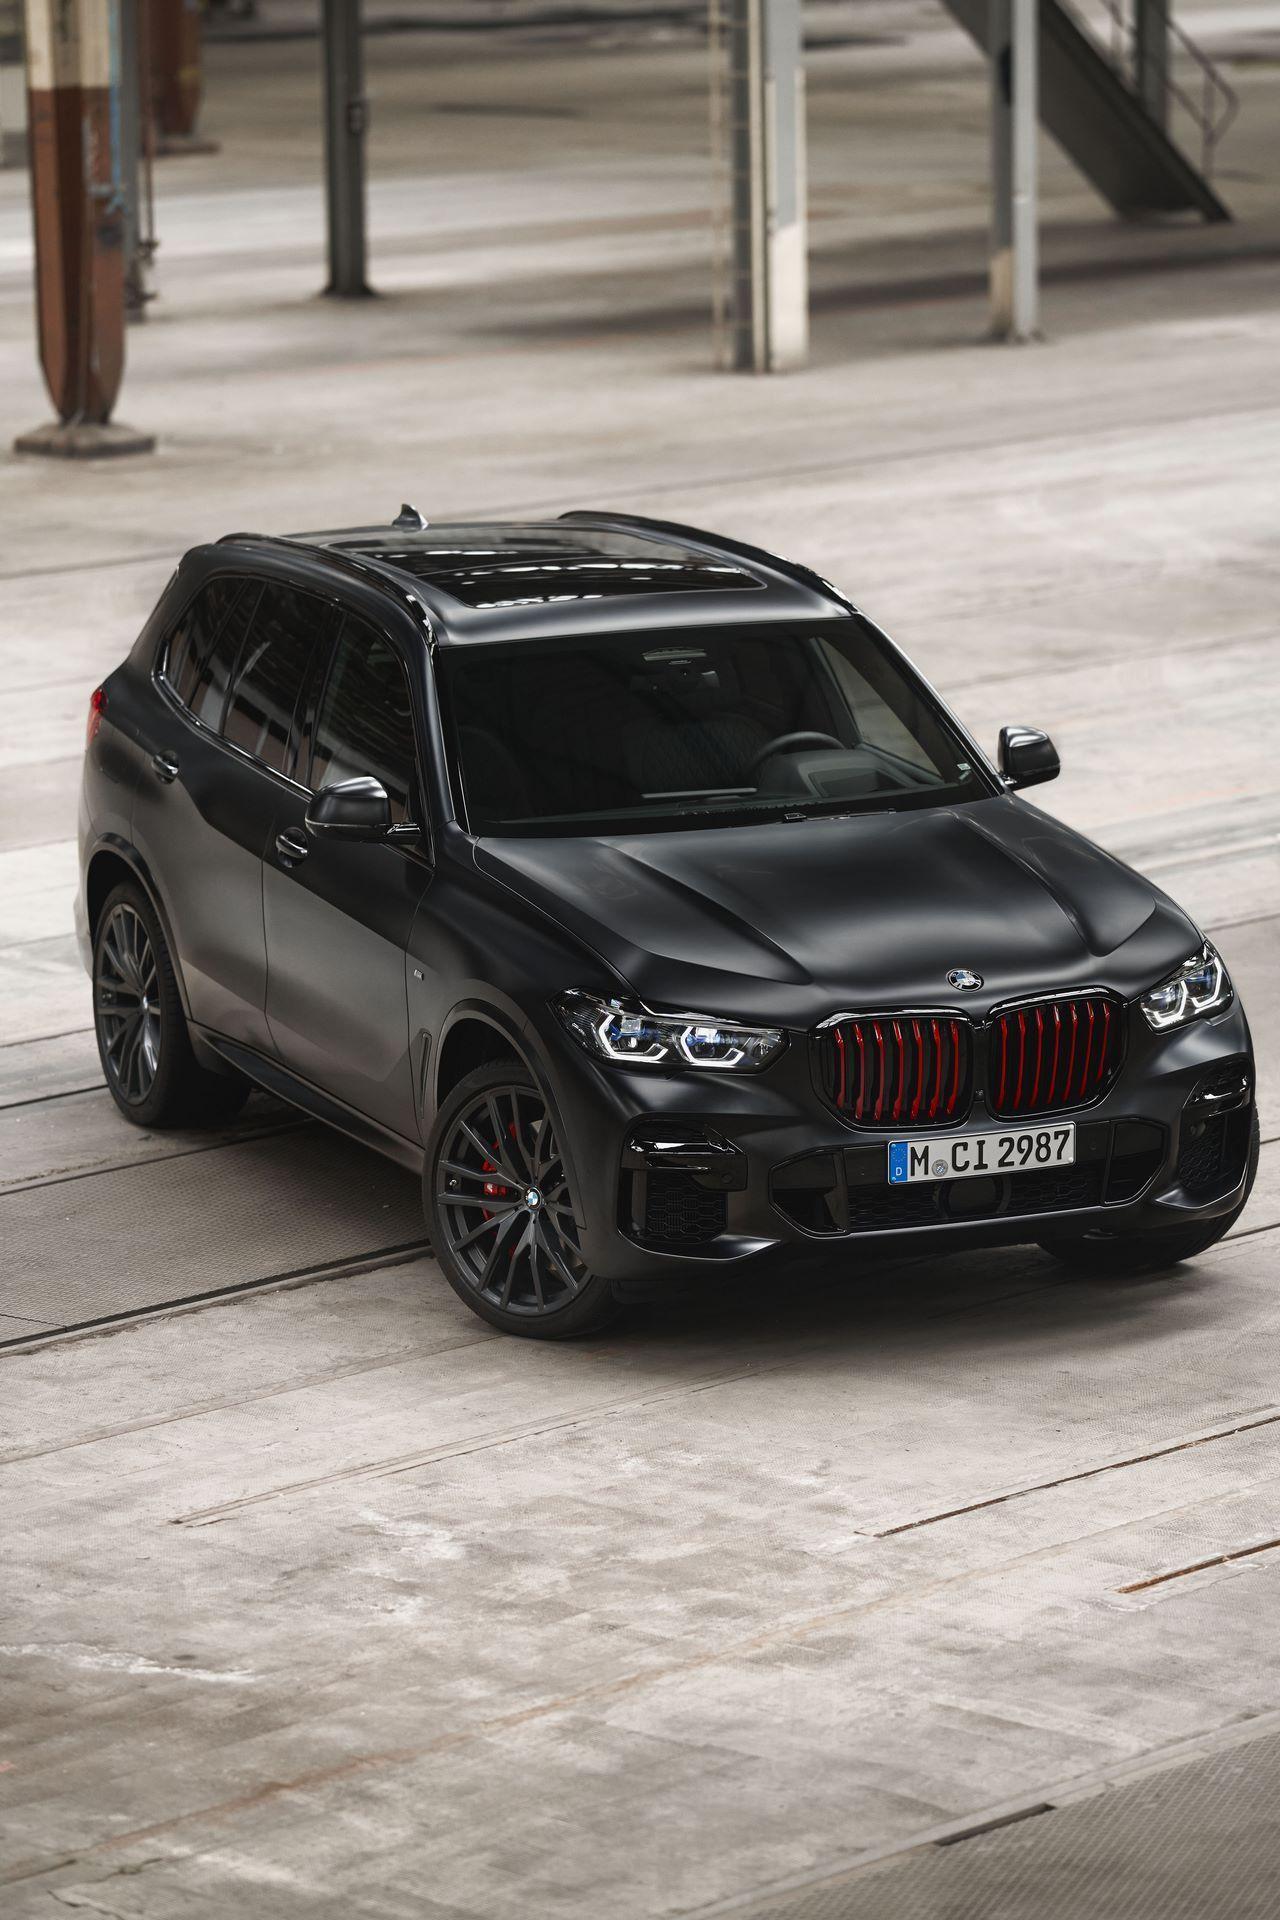 BMW-X5-Χ6-Black-Vermilion-X7-Limited-Edition-27